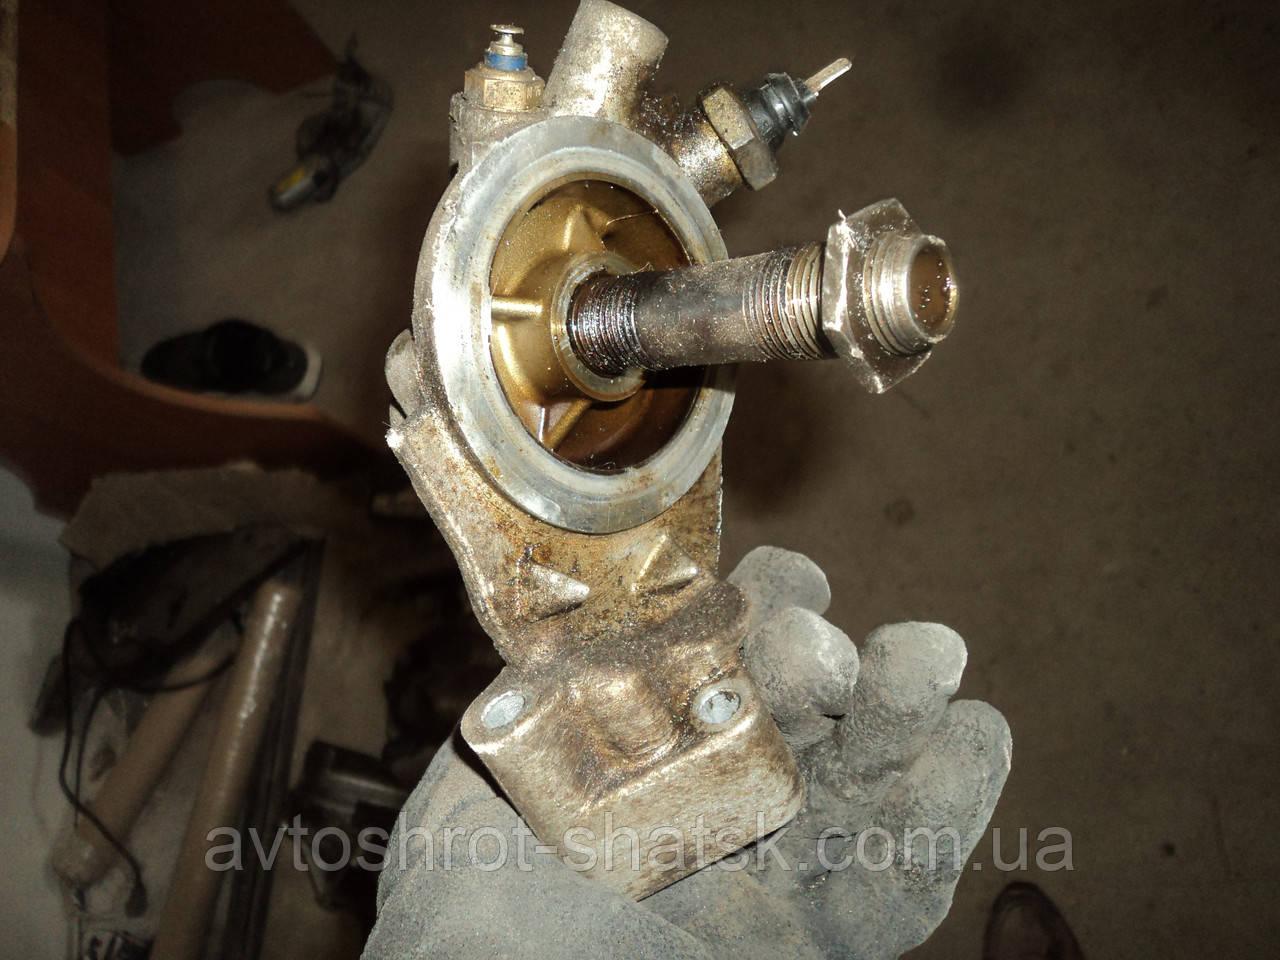 Б/К кронштейн крыпления  масляного фильтра аудии а6 с4 1.8 бензин